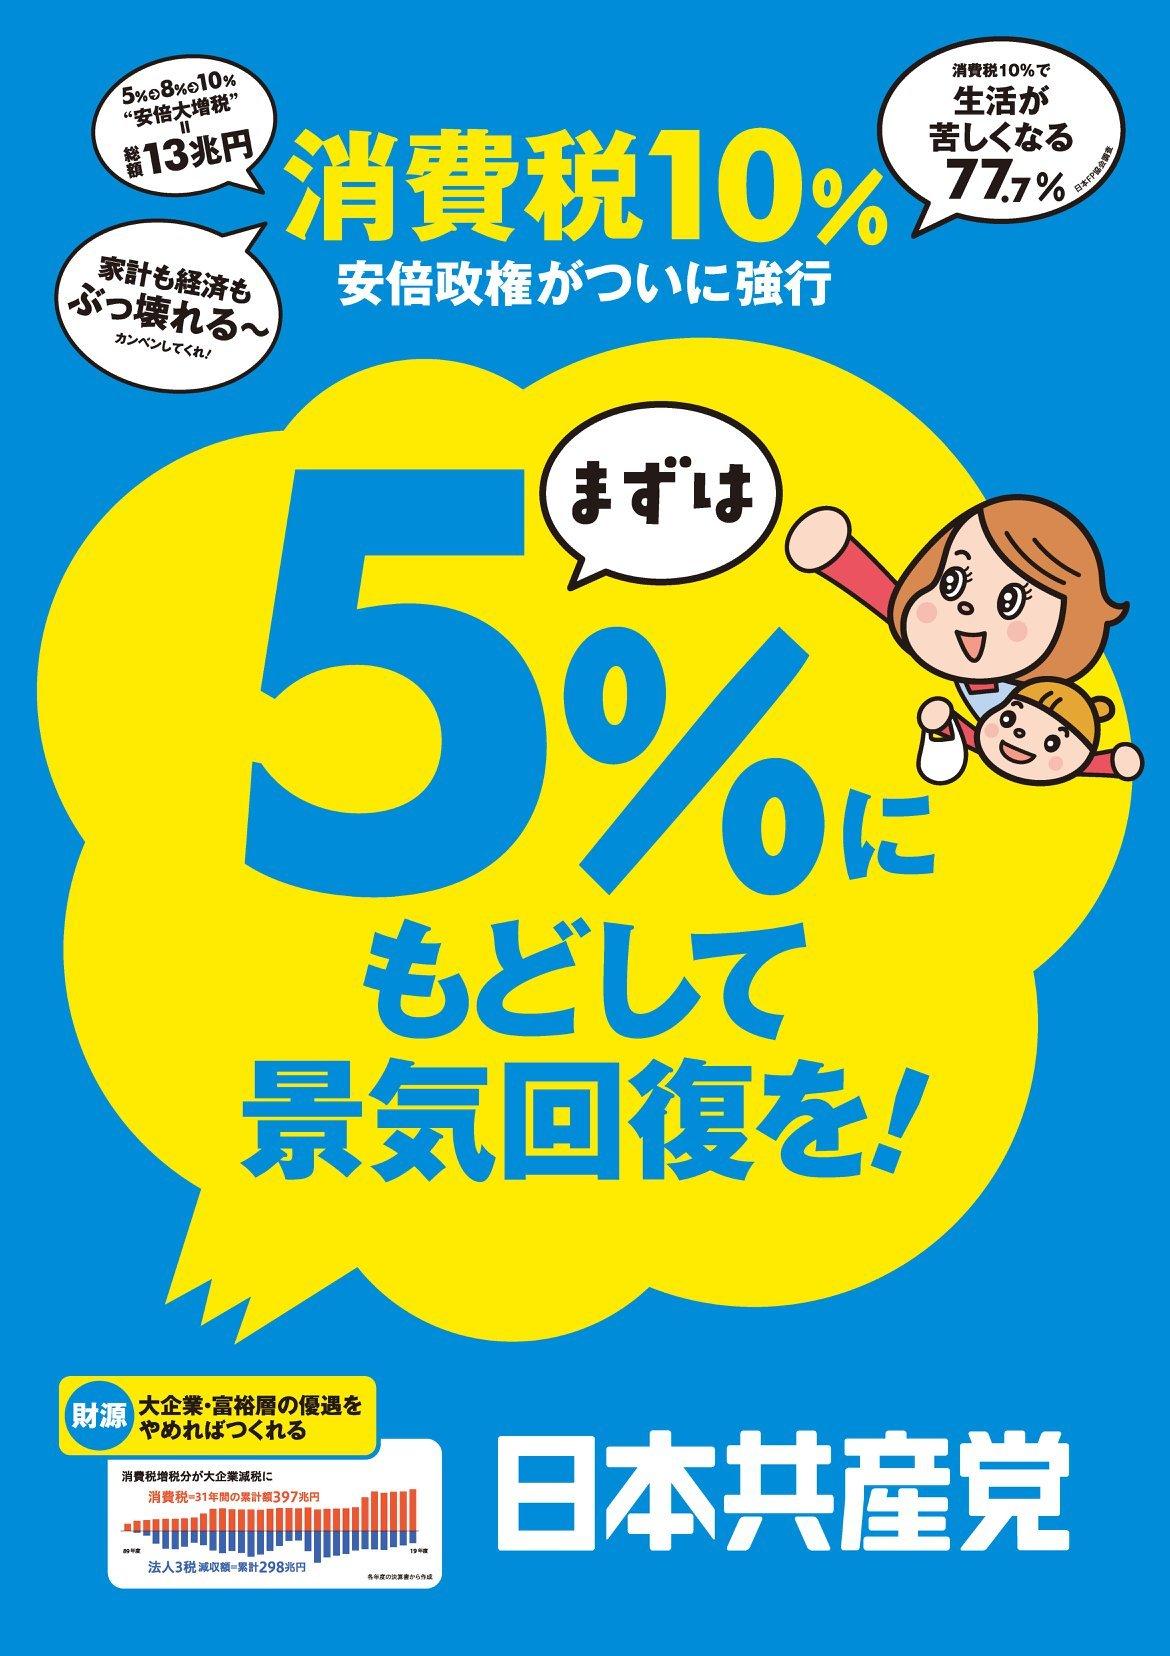 日本共産党とれいわ新選組が「まずは5%に減税」で足並み_e0094315_16040735.jpg